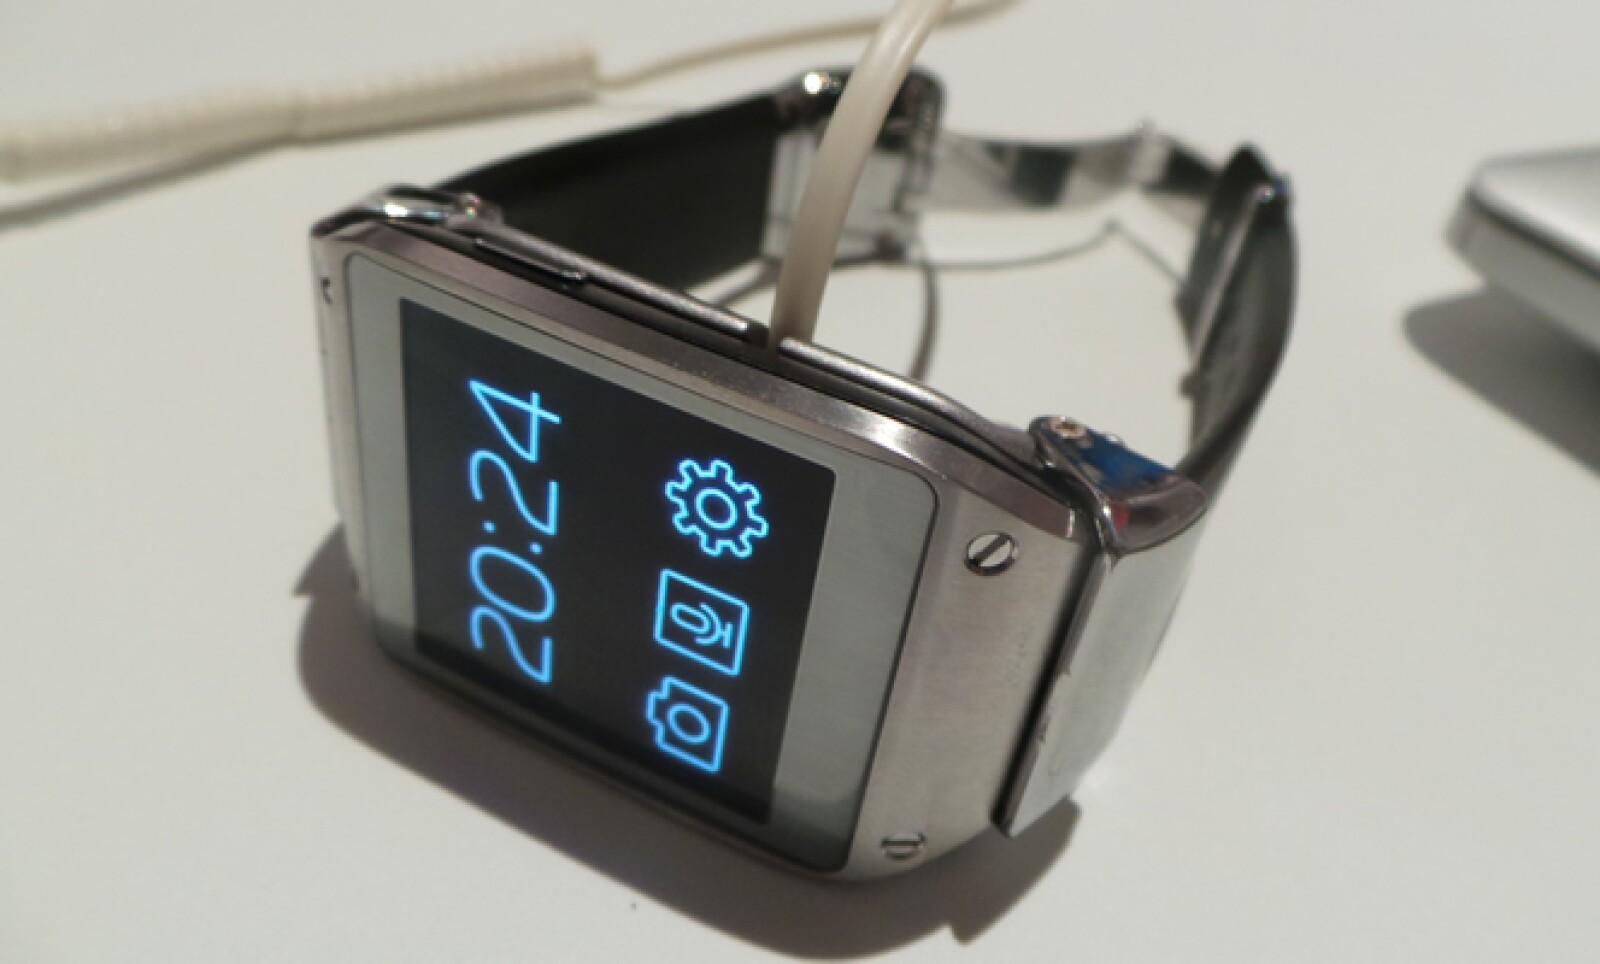 El reloj estará disponible en seis colores: verde, beige, naranja, gris, negro y champagne.